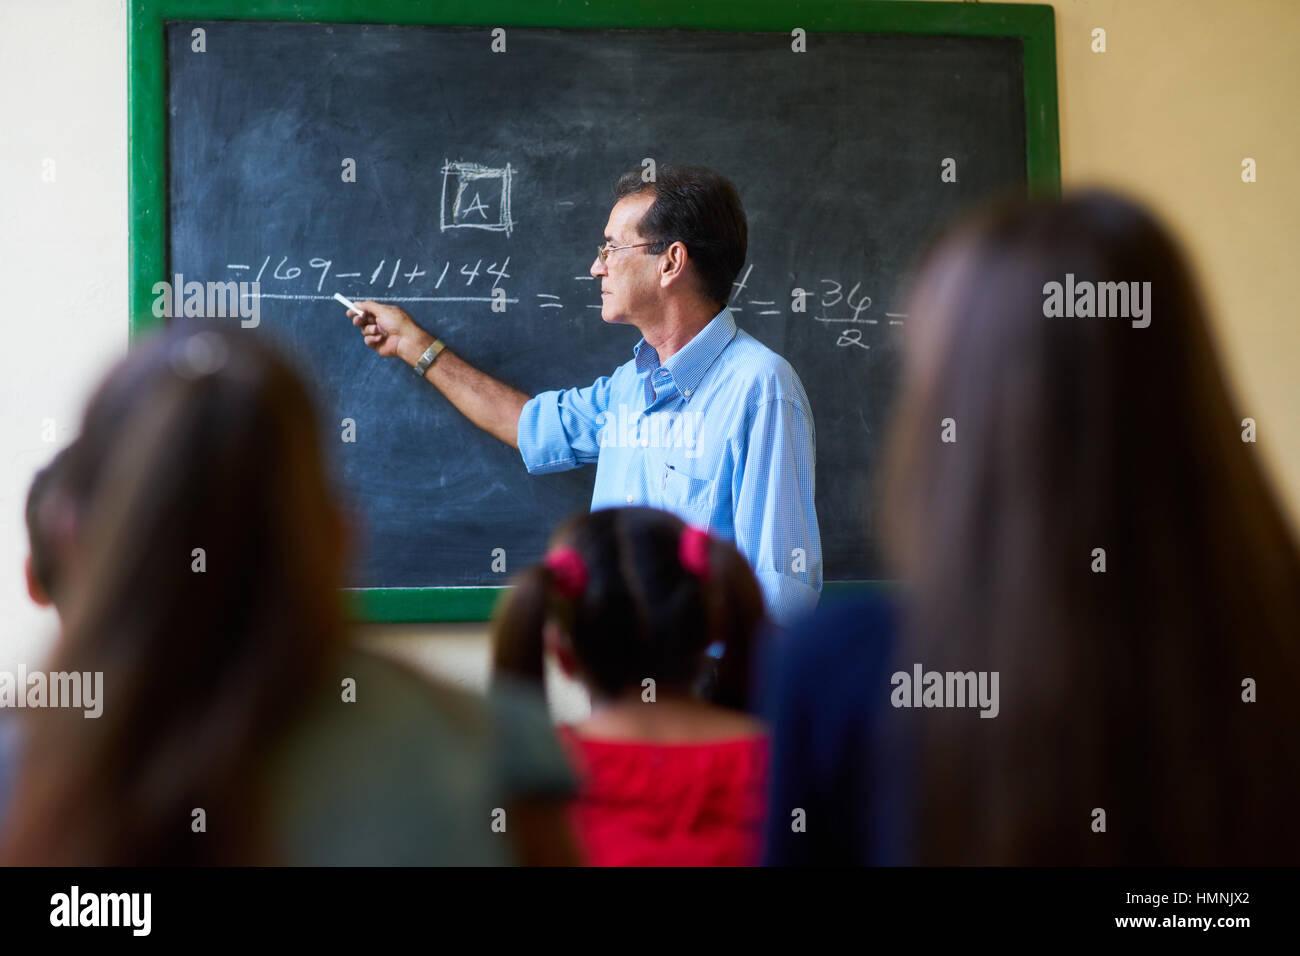 Jugend und Bildung. Gruppe von hispanic Studenten in der Klasse in der Schule während der Lektion. Lehrer an Stockbild